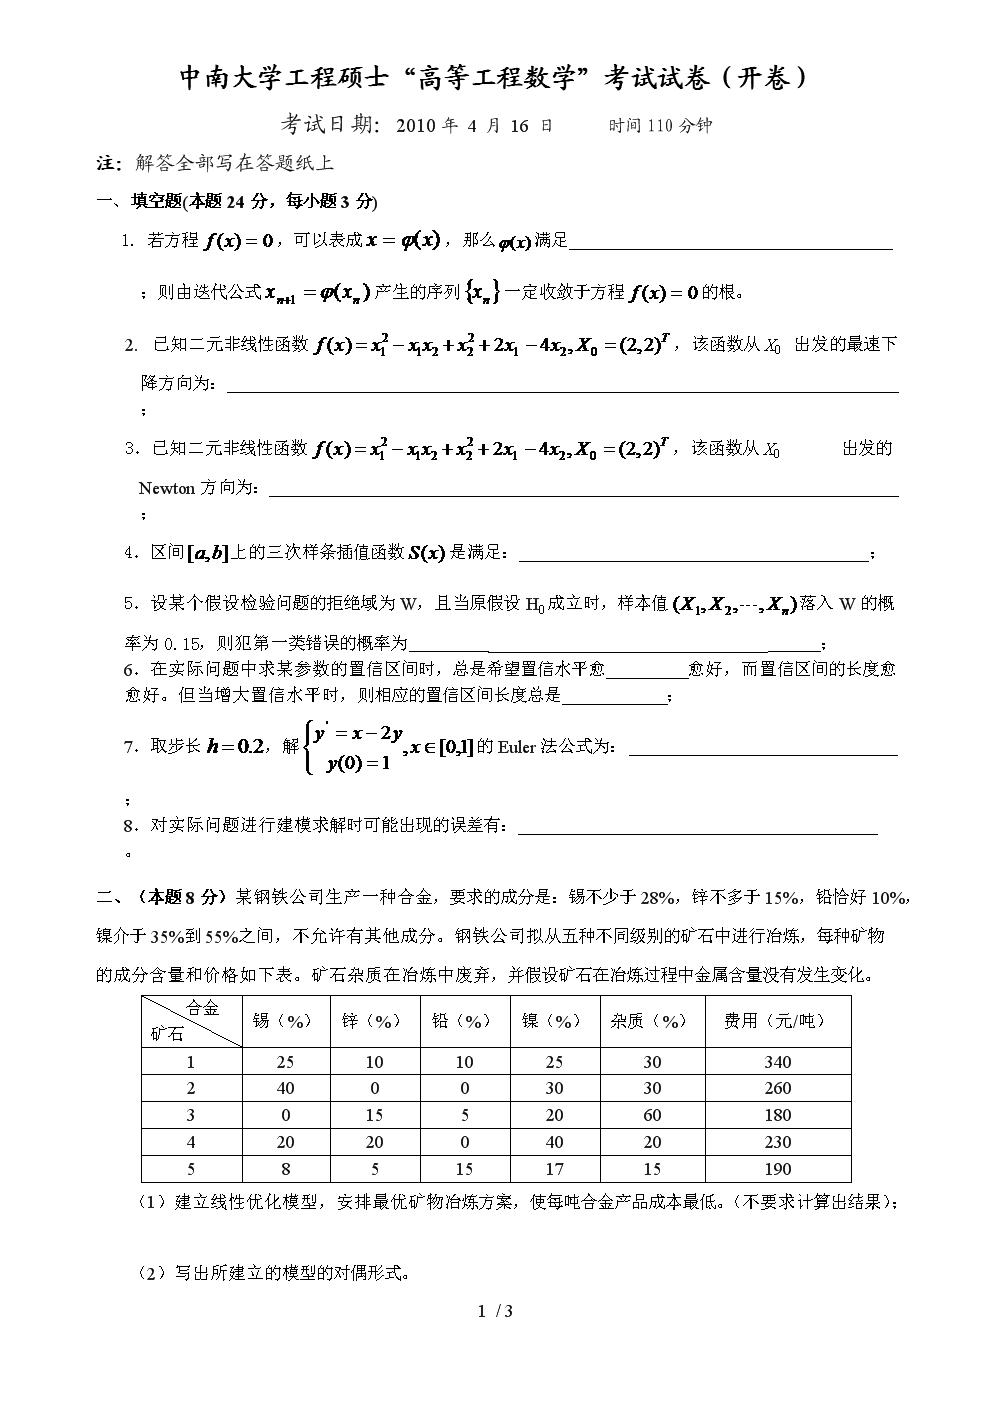 中南大学高等工程数学试题-2010年-工程硕士.doc